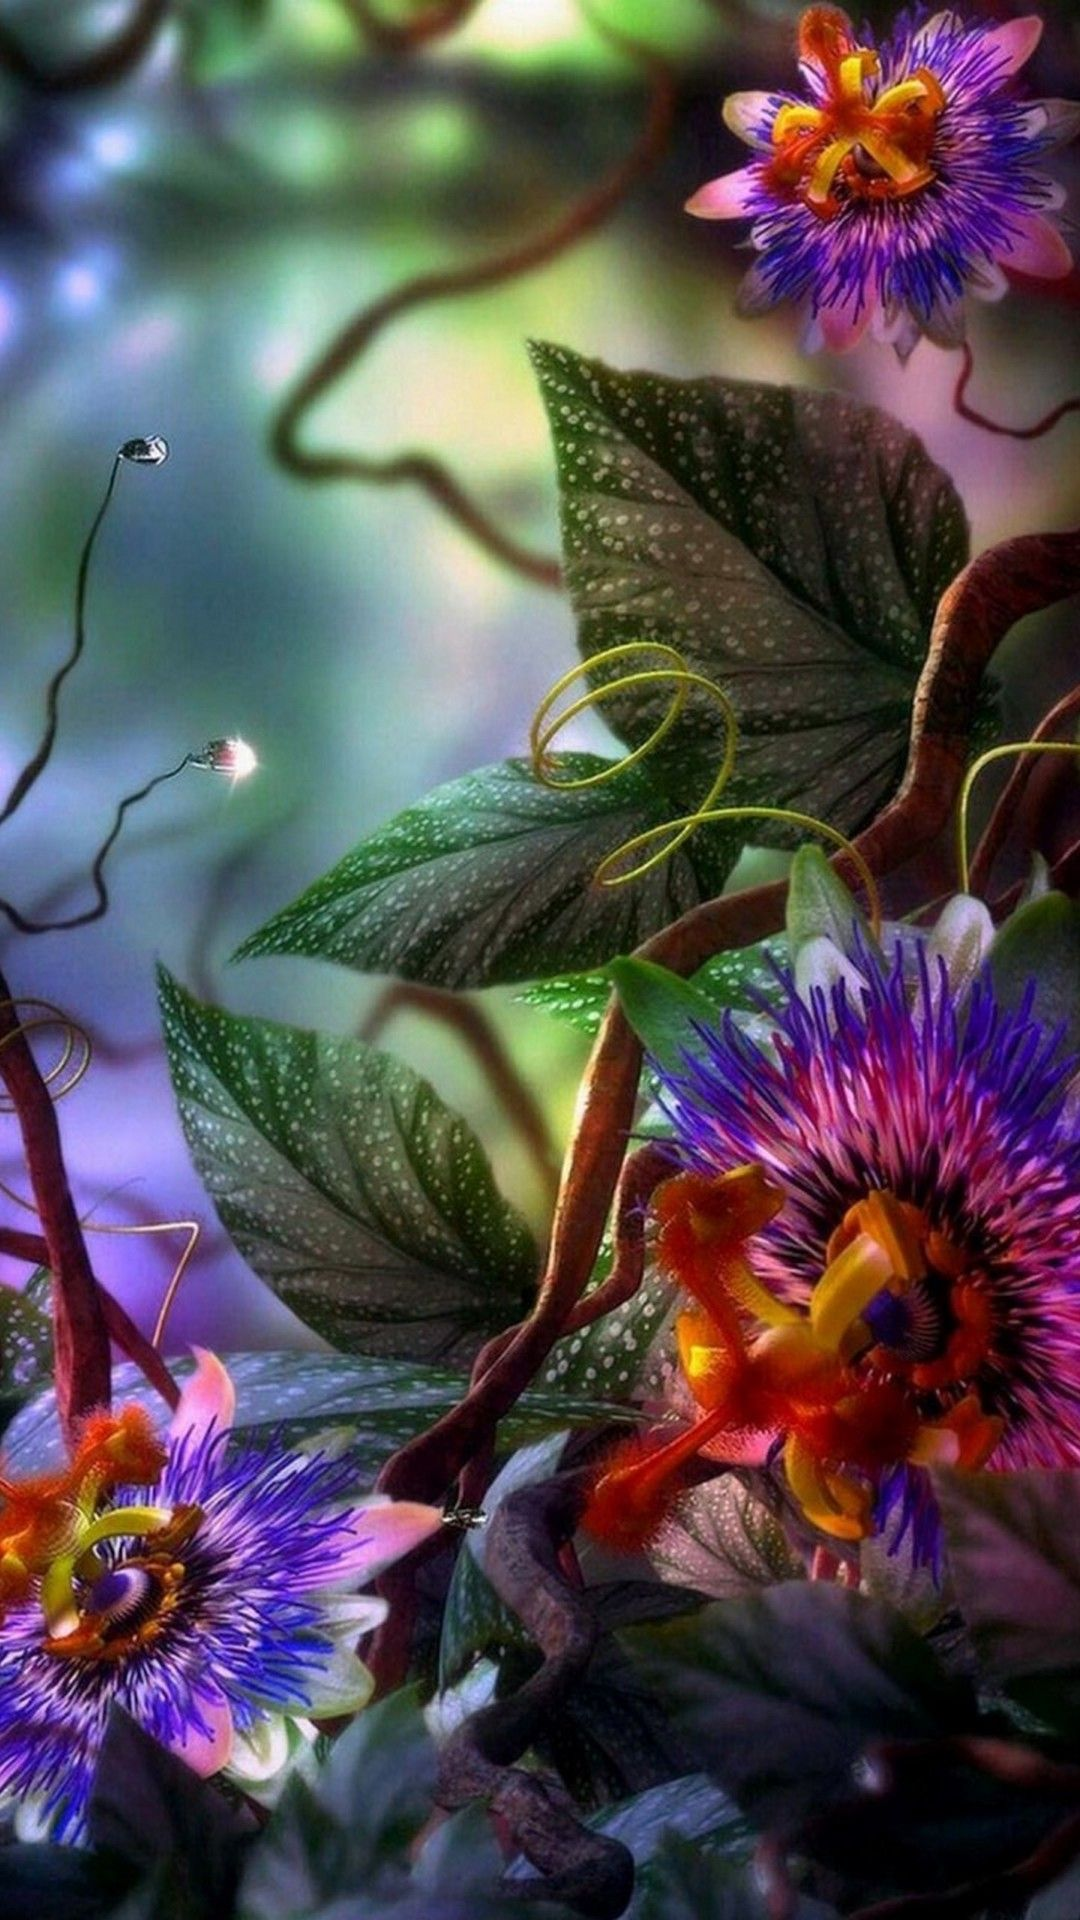 Wallpaper 3D Flower Mobile Flower wallpaper, Flower mobile